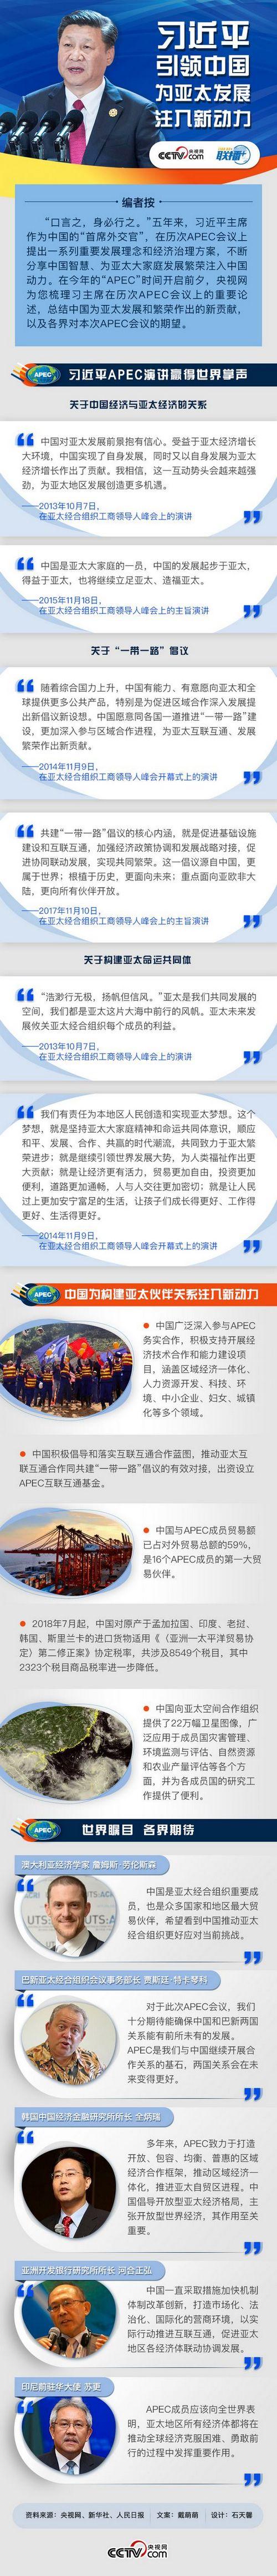 习近平引领中国为亚太发展注入新动力